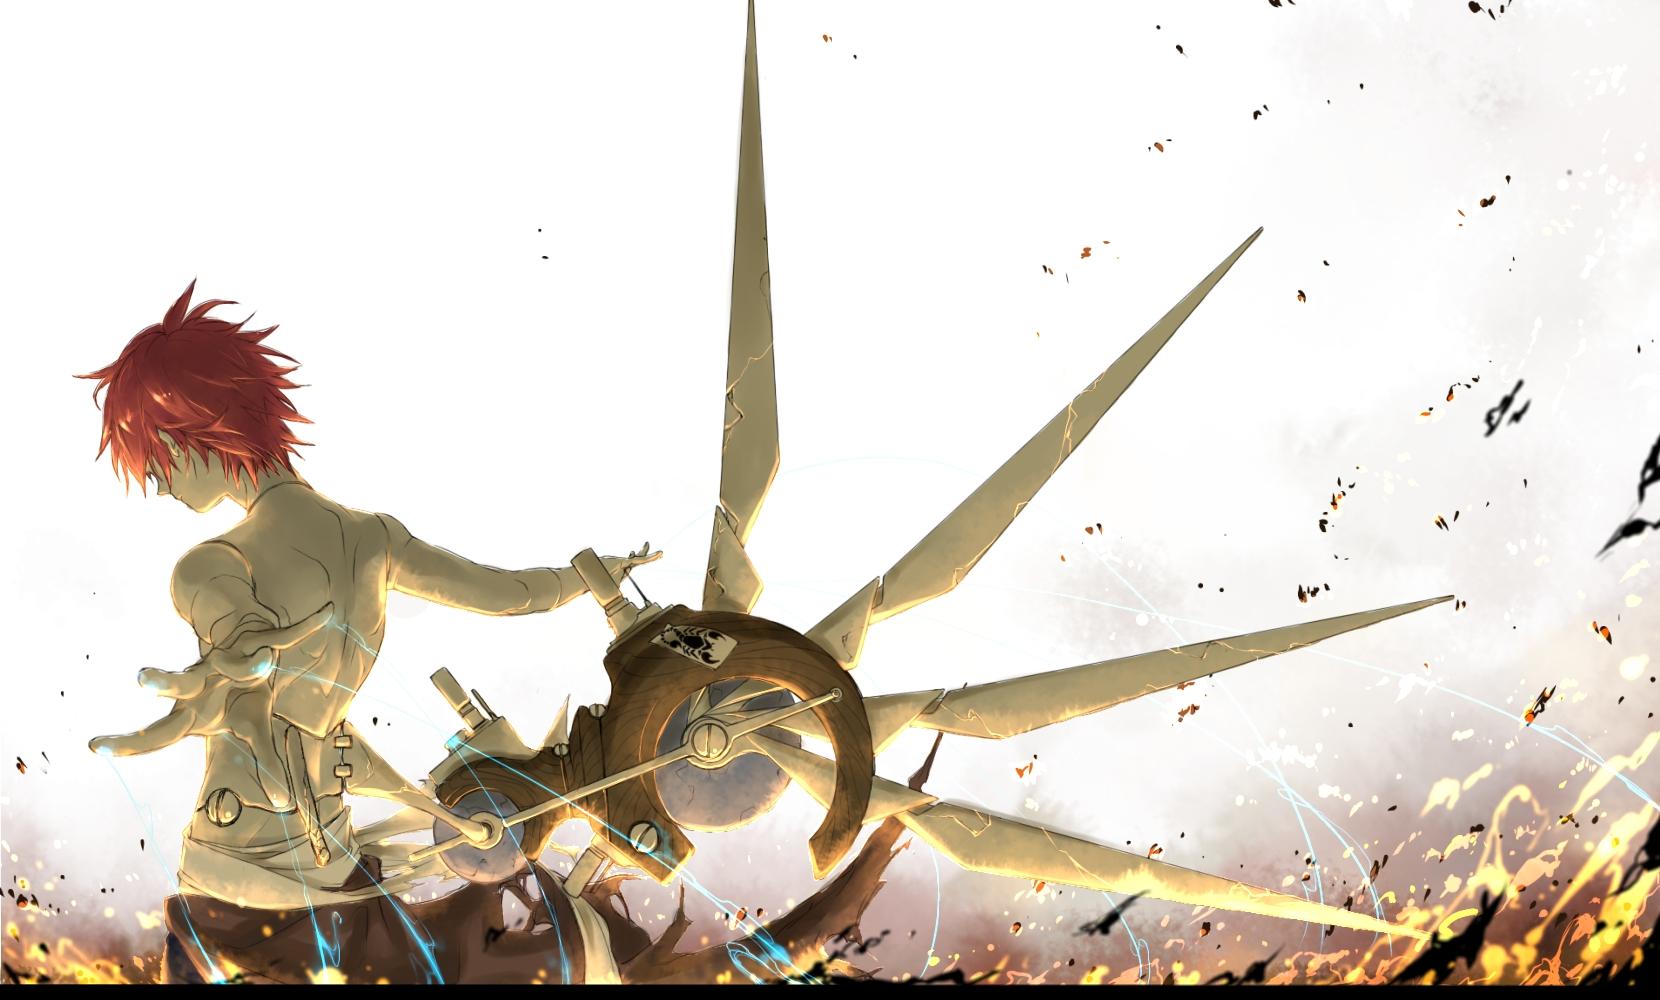 аниме картинки сасори: